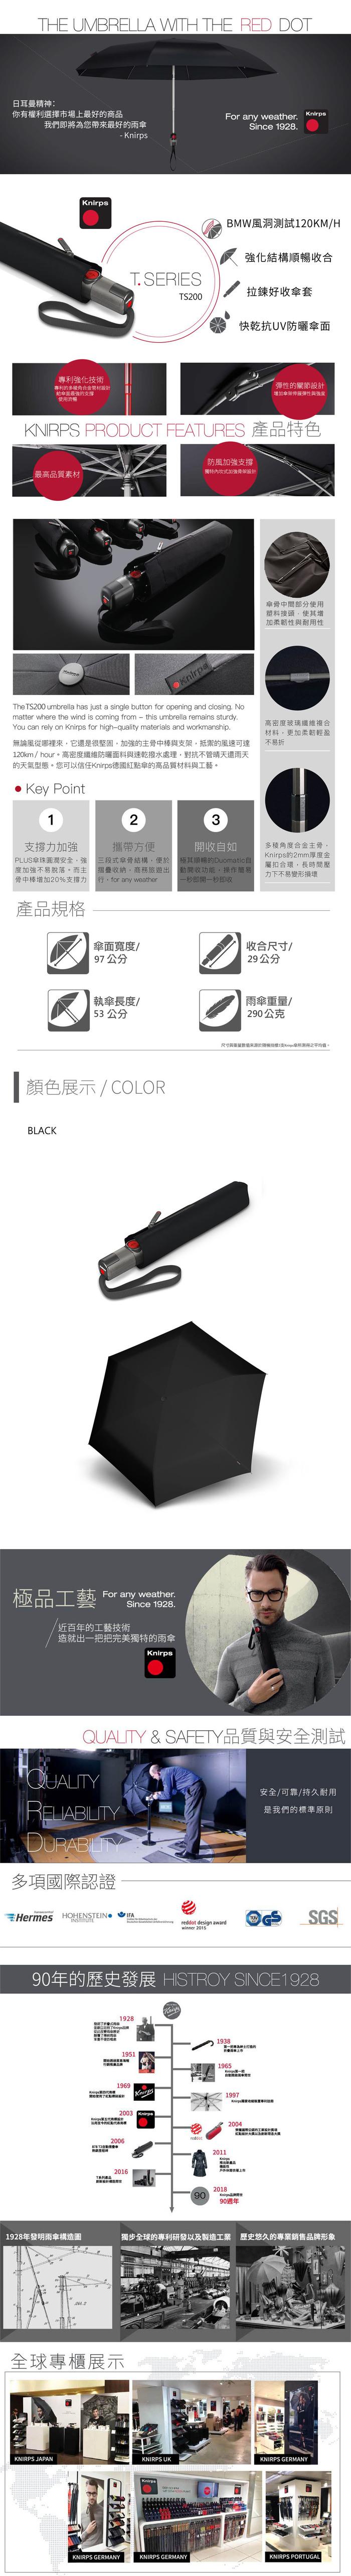 (複製)Knirps®德國紅點傘|TS.200 輕薄自動開收傘-Bolero Taupe